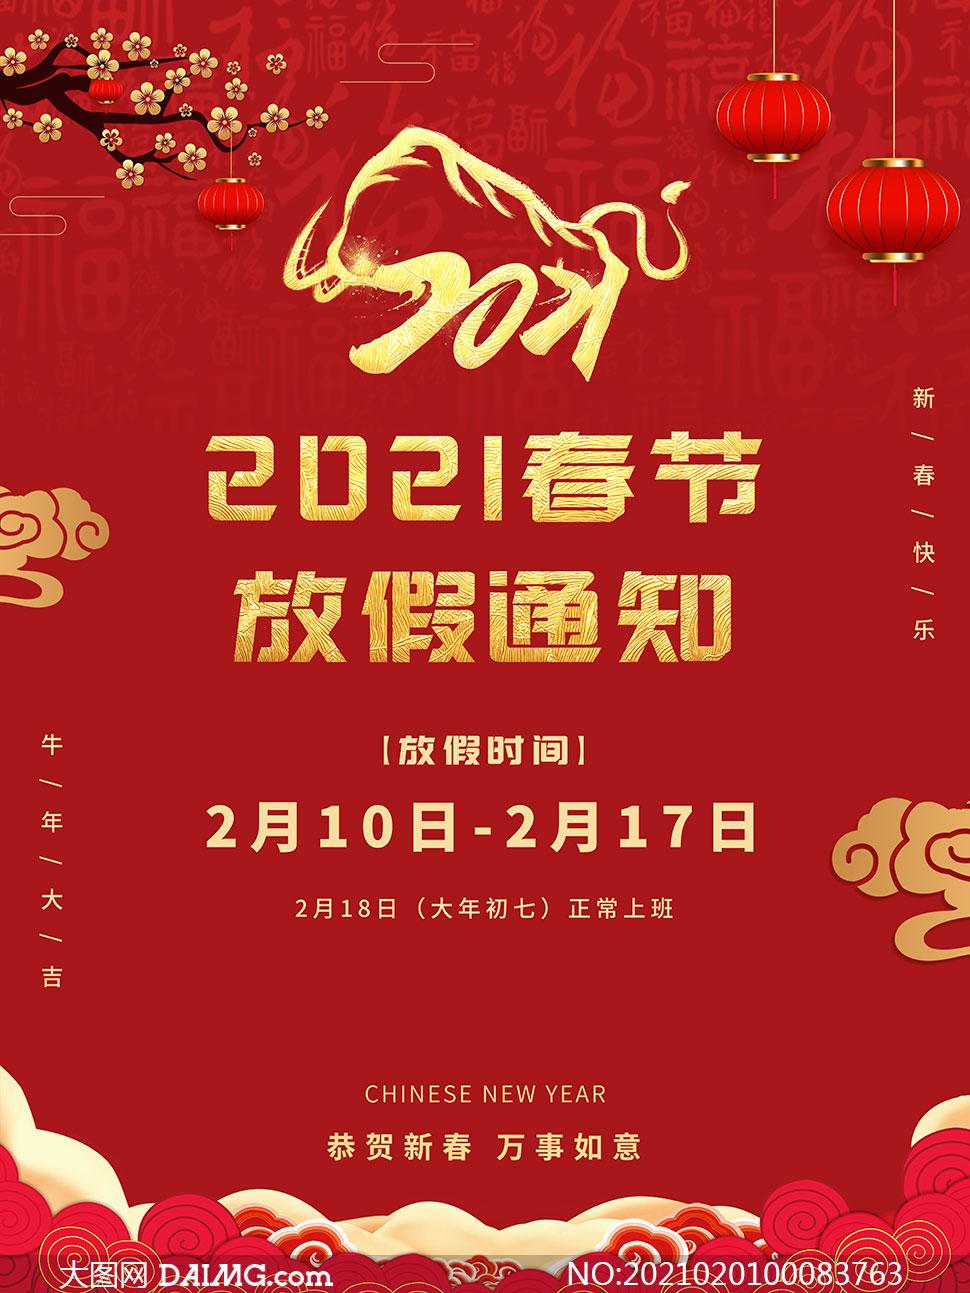 2021春节放假通知海报模板PSD素材